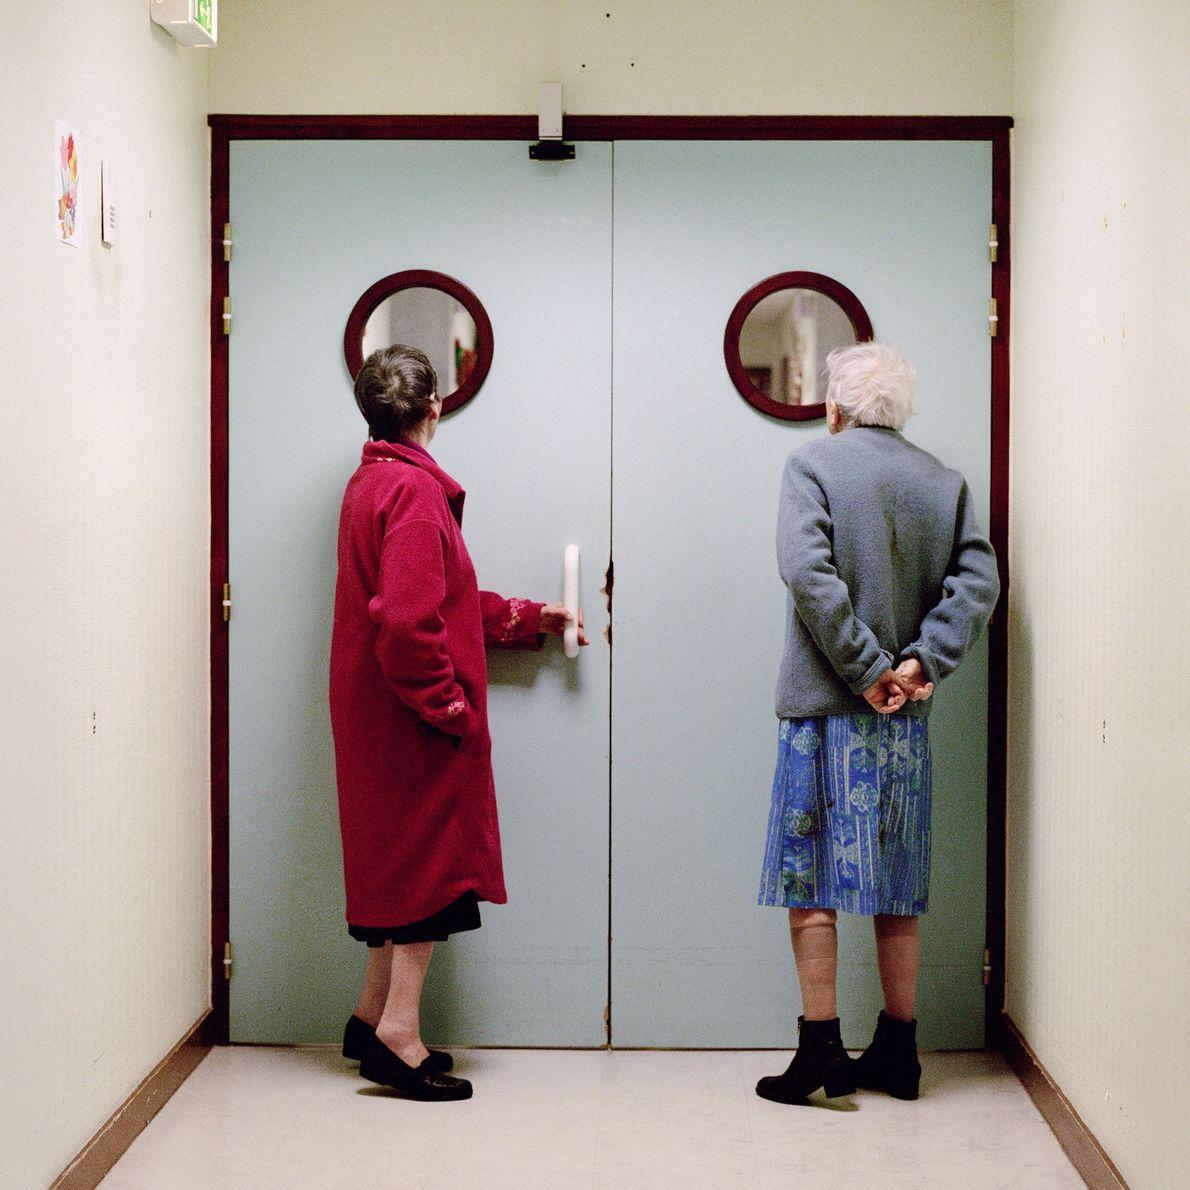 Des résidents jettent un œil à travers le hublot de la porte qui mène vers la ...